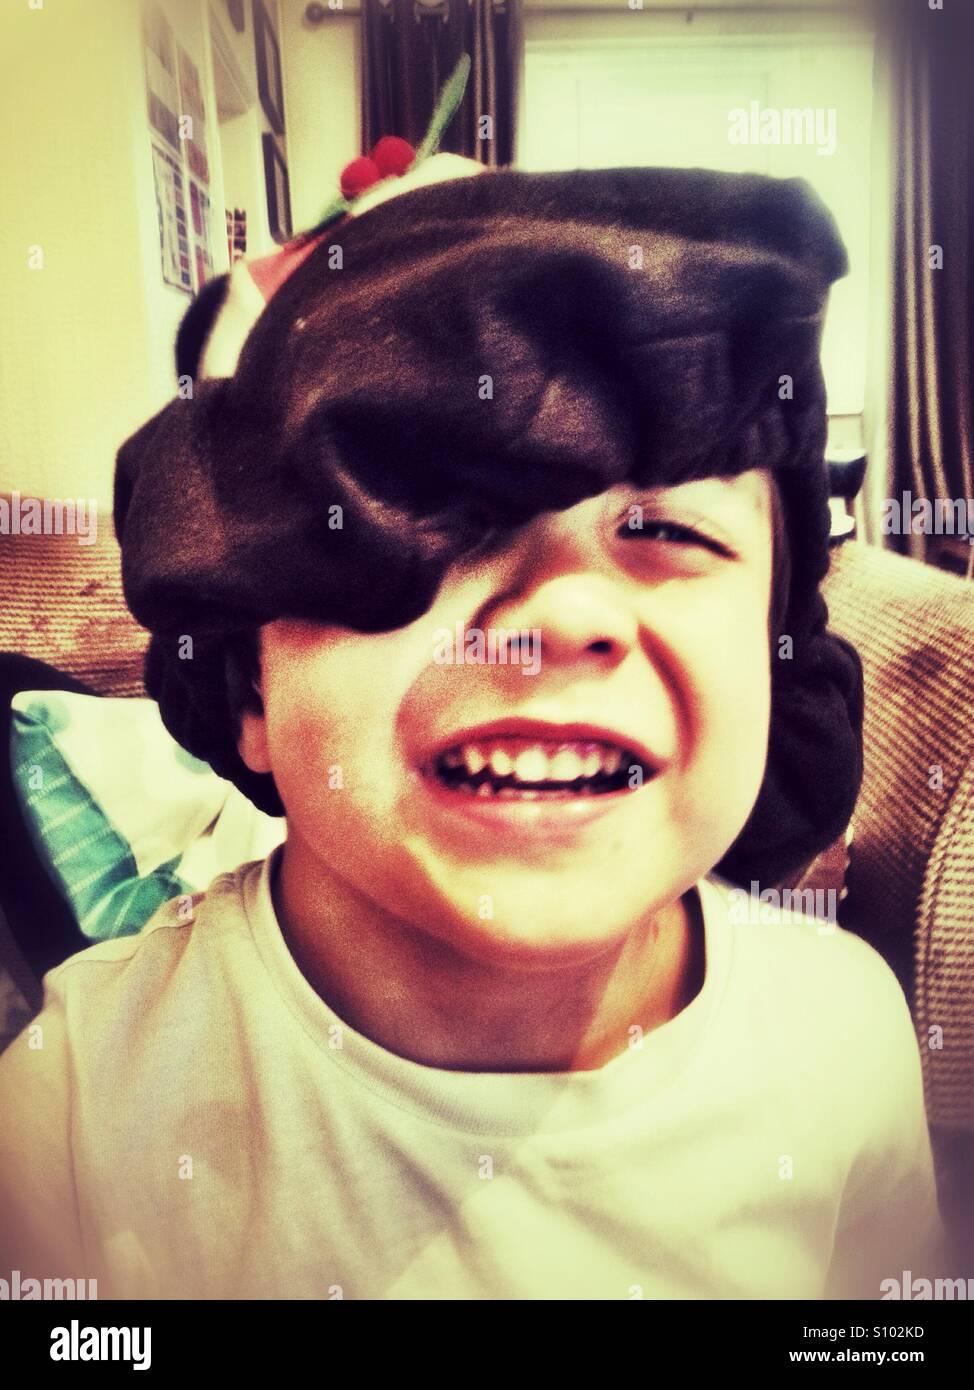 Un jeune garçon portant un chapeau de fête. Photo Stock